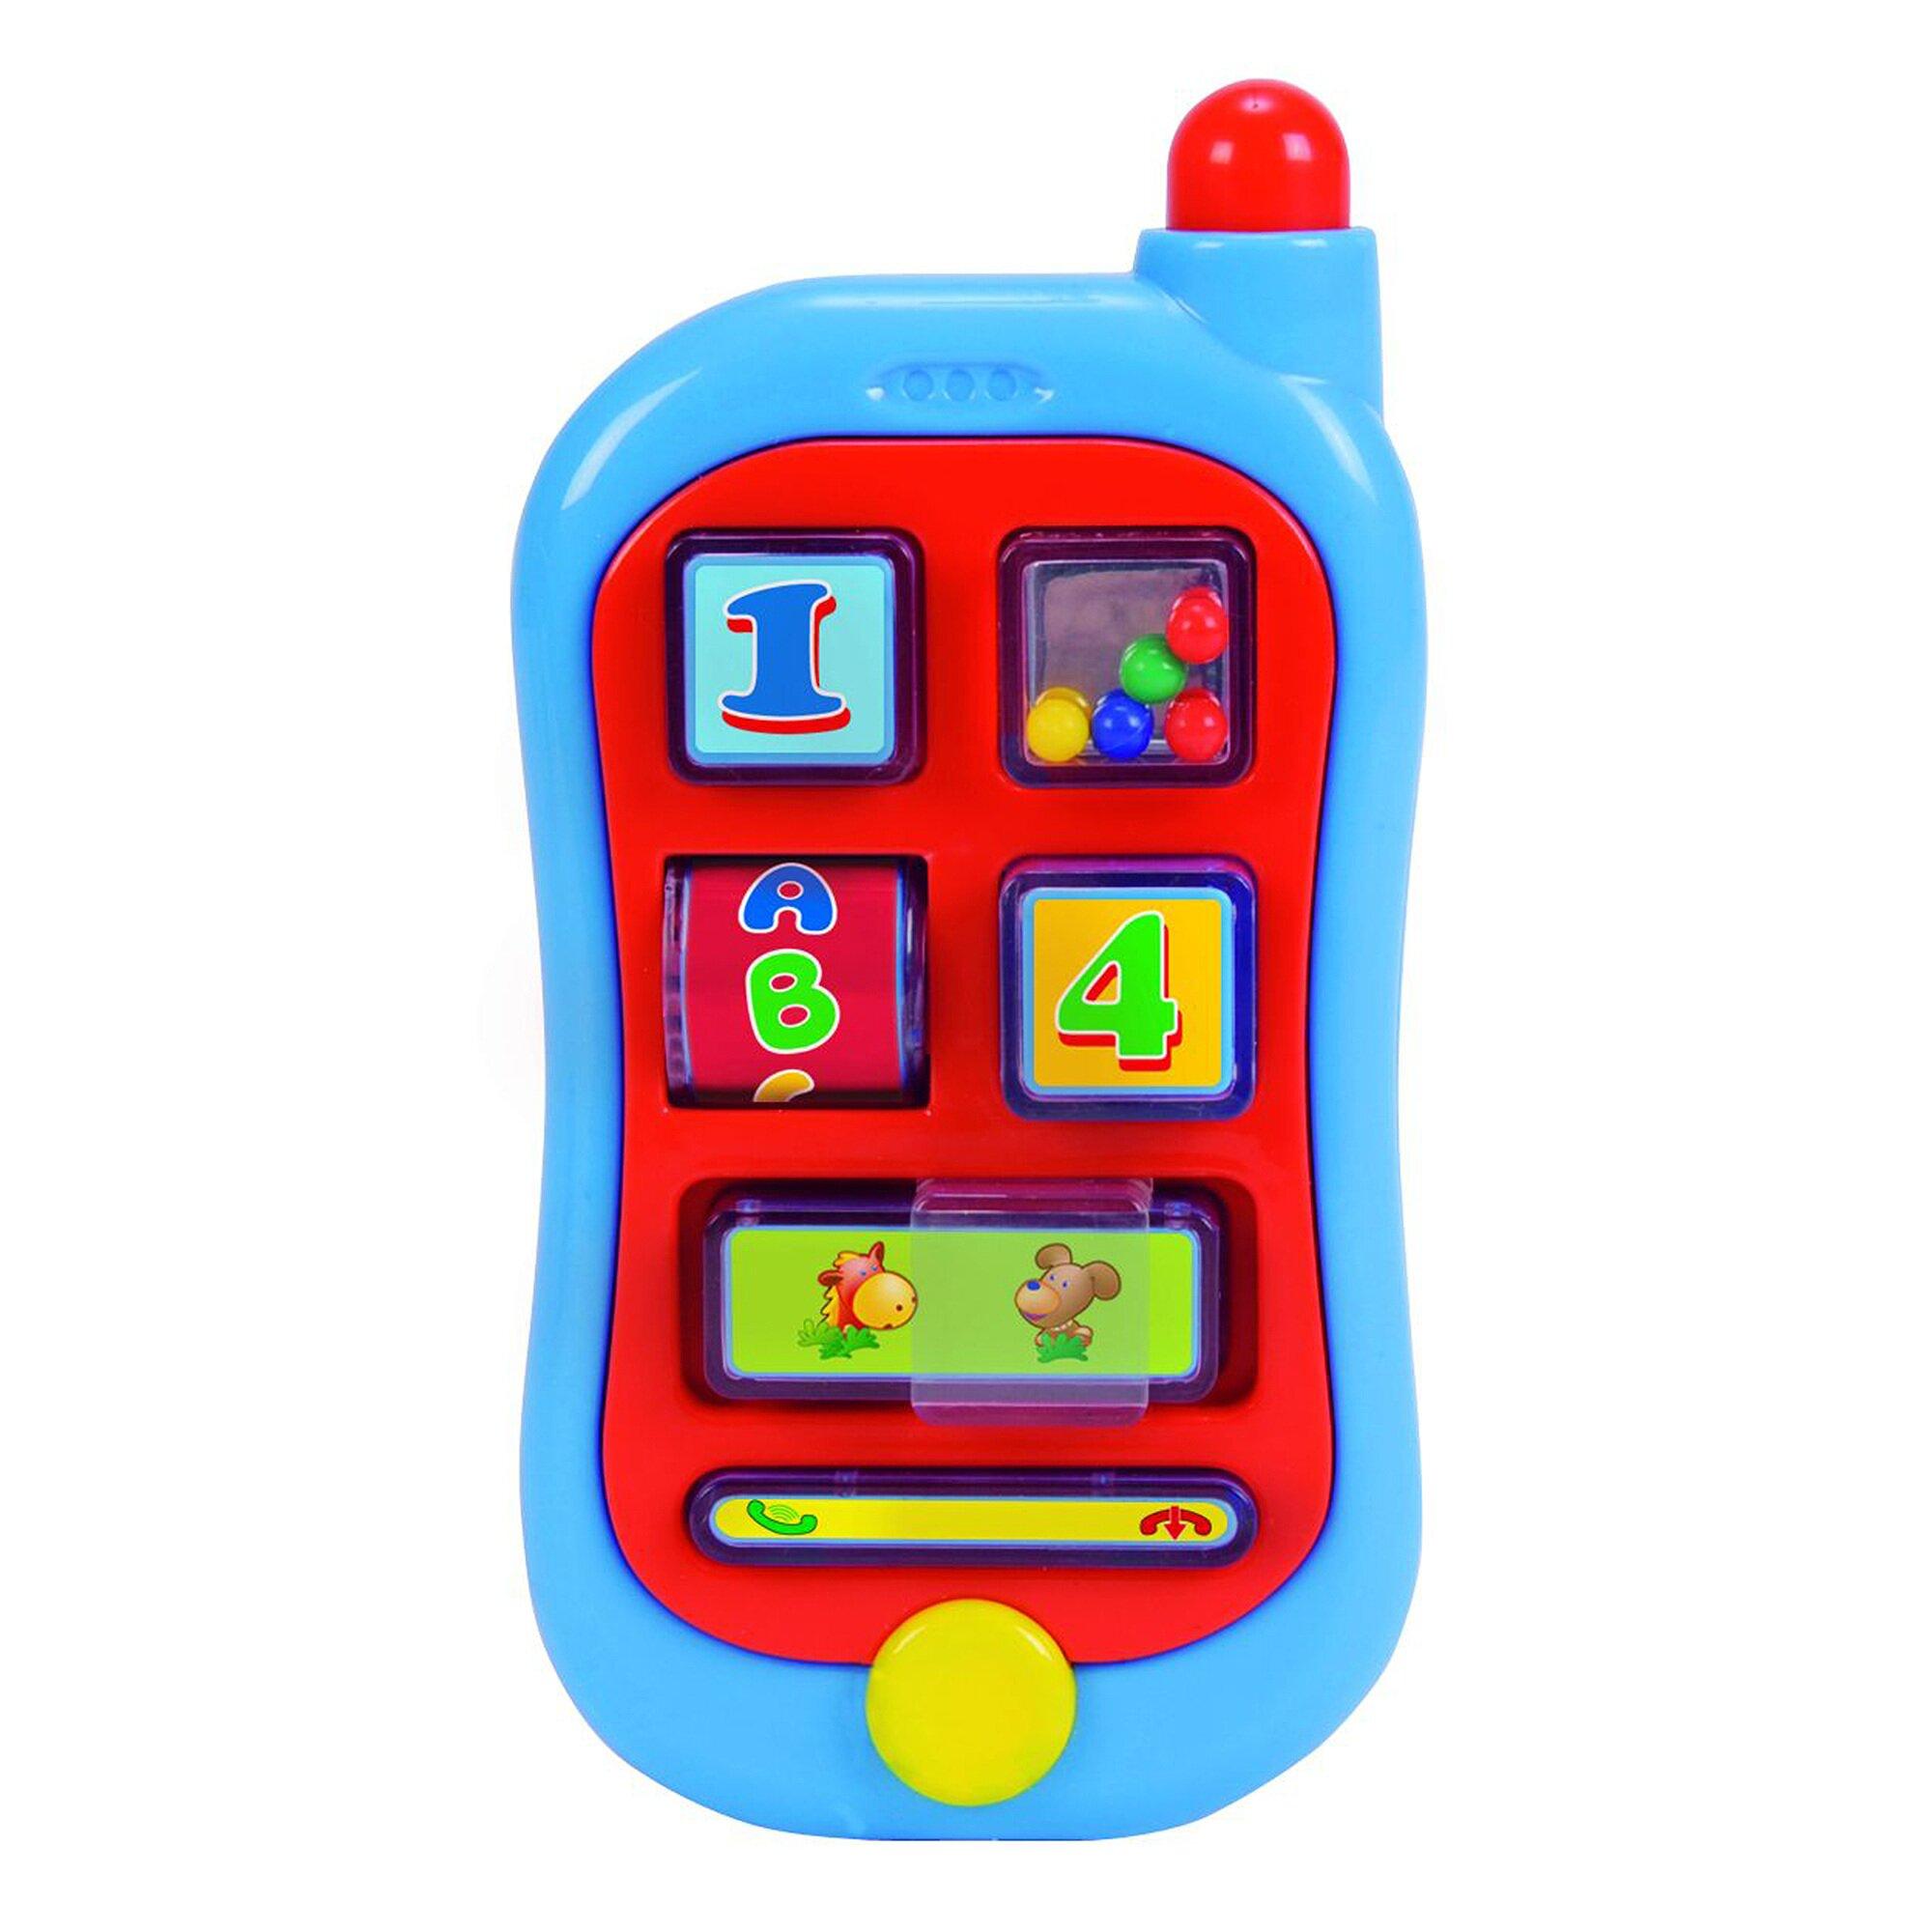 Promotion mon premier t l phone abc chez baby walz - Code promo baby walz frais de port gratuit ...